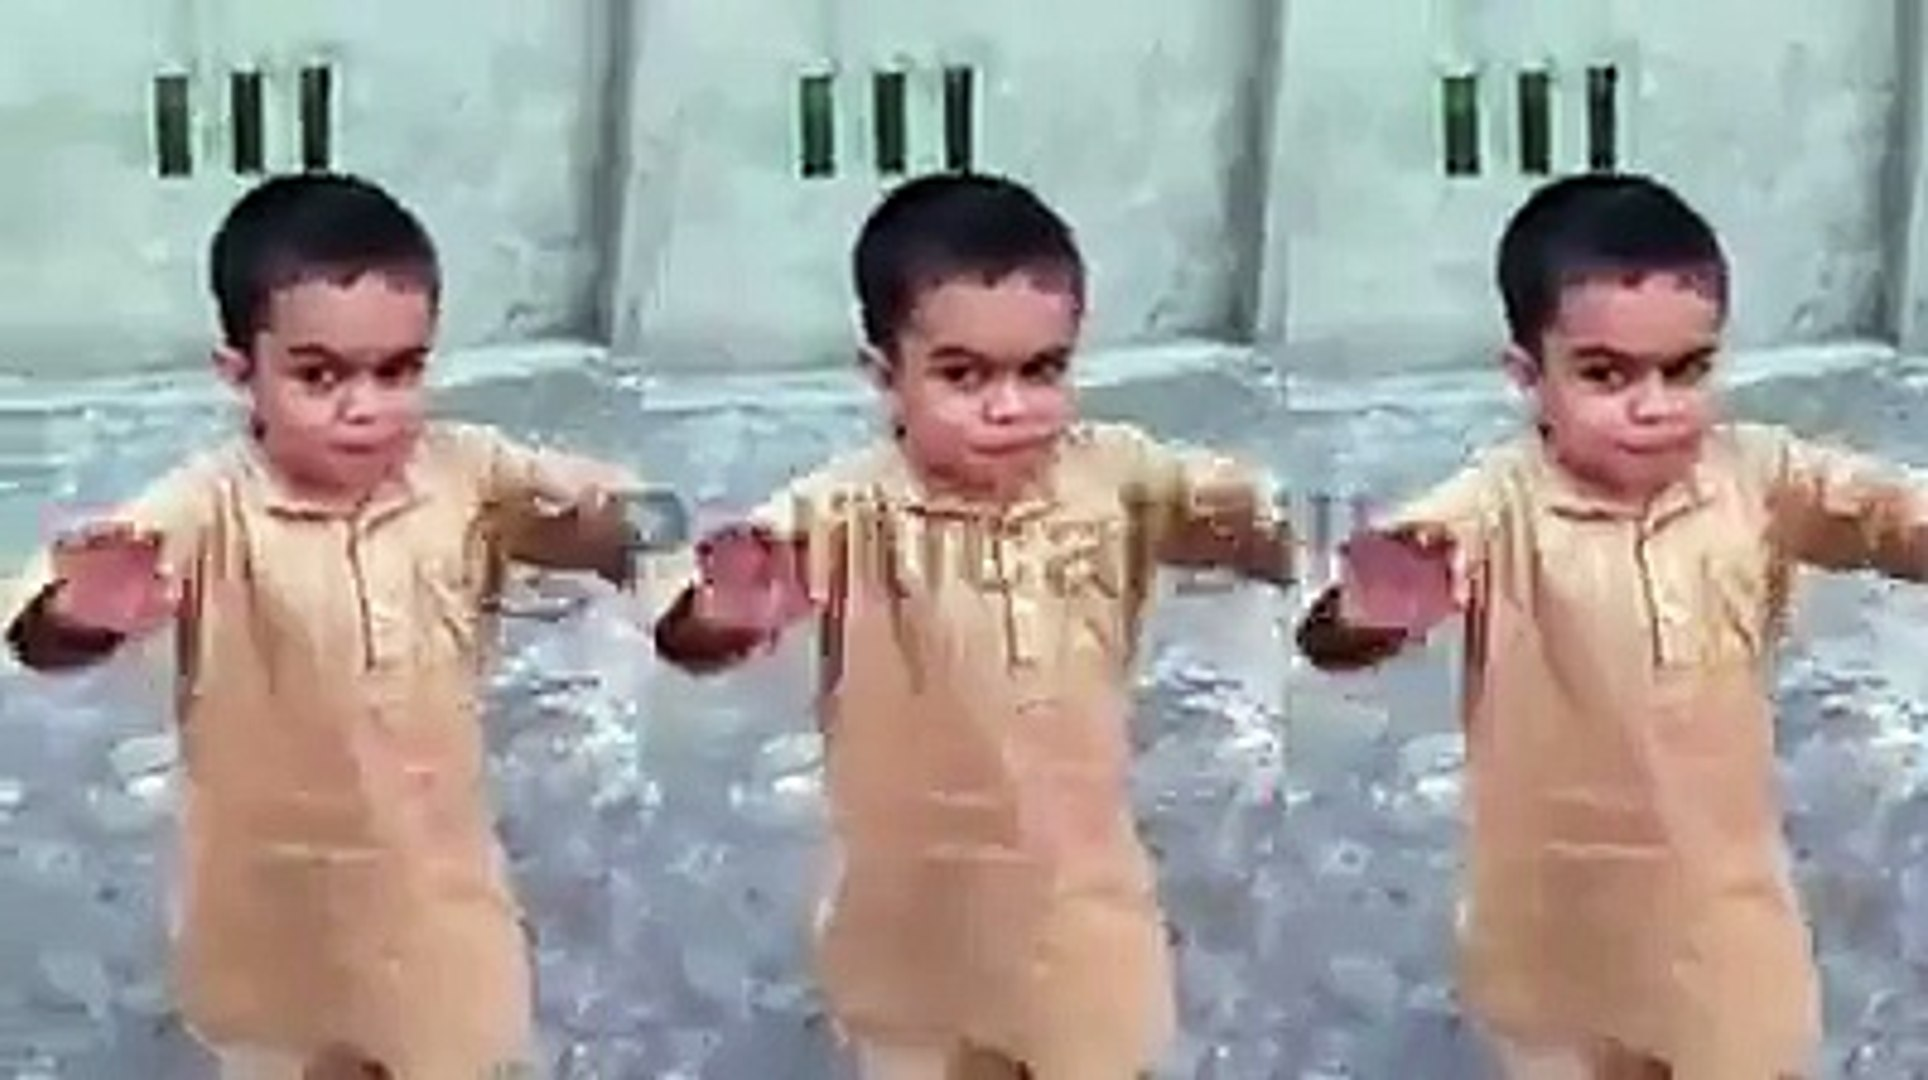 موقع موقع موقع آسٹریلیا نے انڈیا کو ٹھوکا ٹھوکھا، ویڈیو دیکھیں